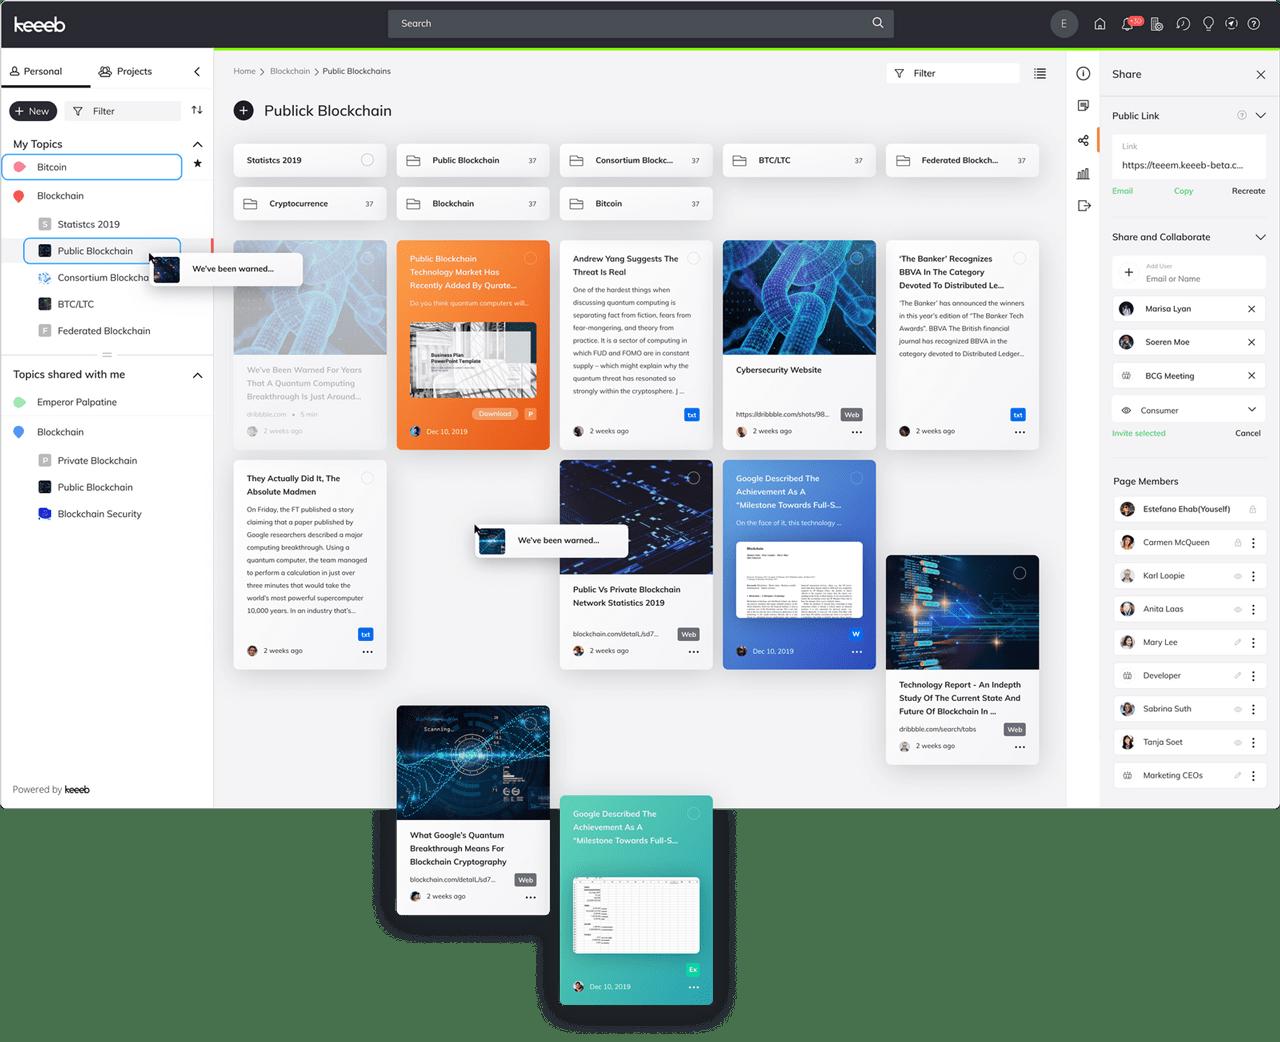 Keeeb Collections Screenshot